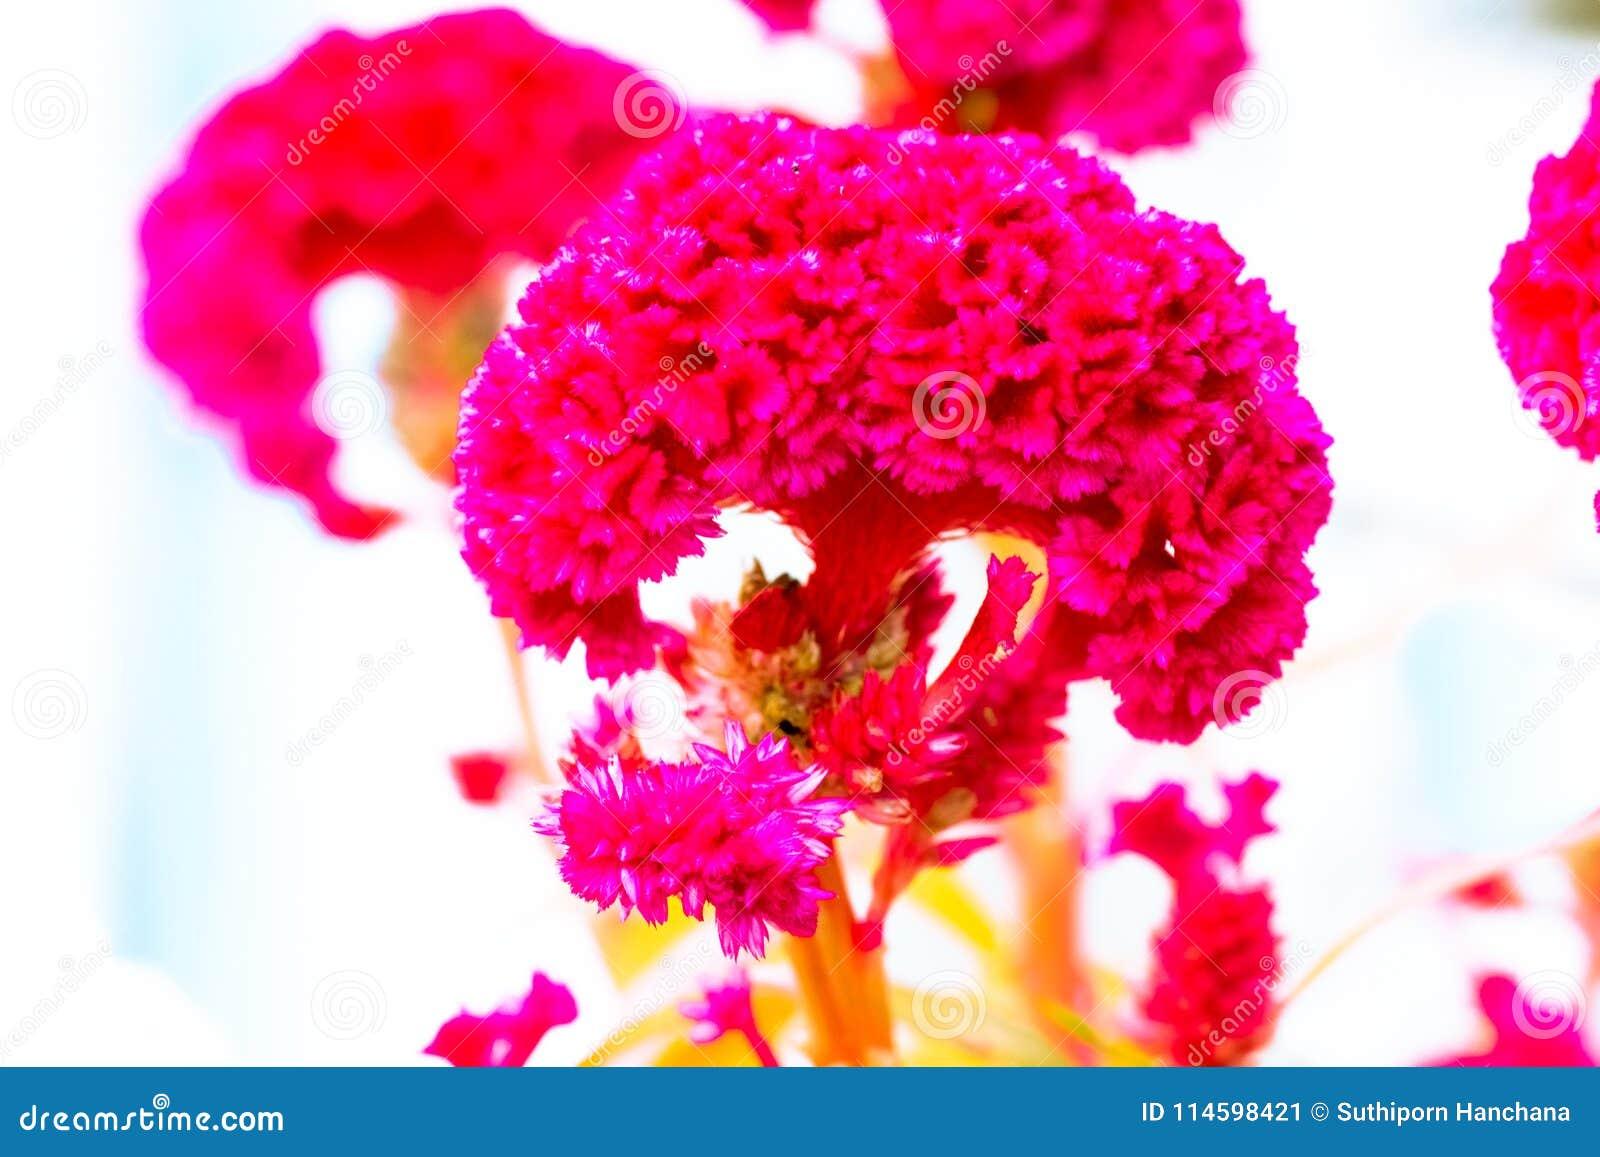 Colore pastello del fiore della cresta di gallo al modello ed alla struttura creativi